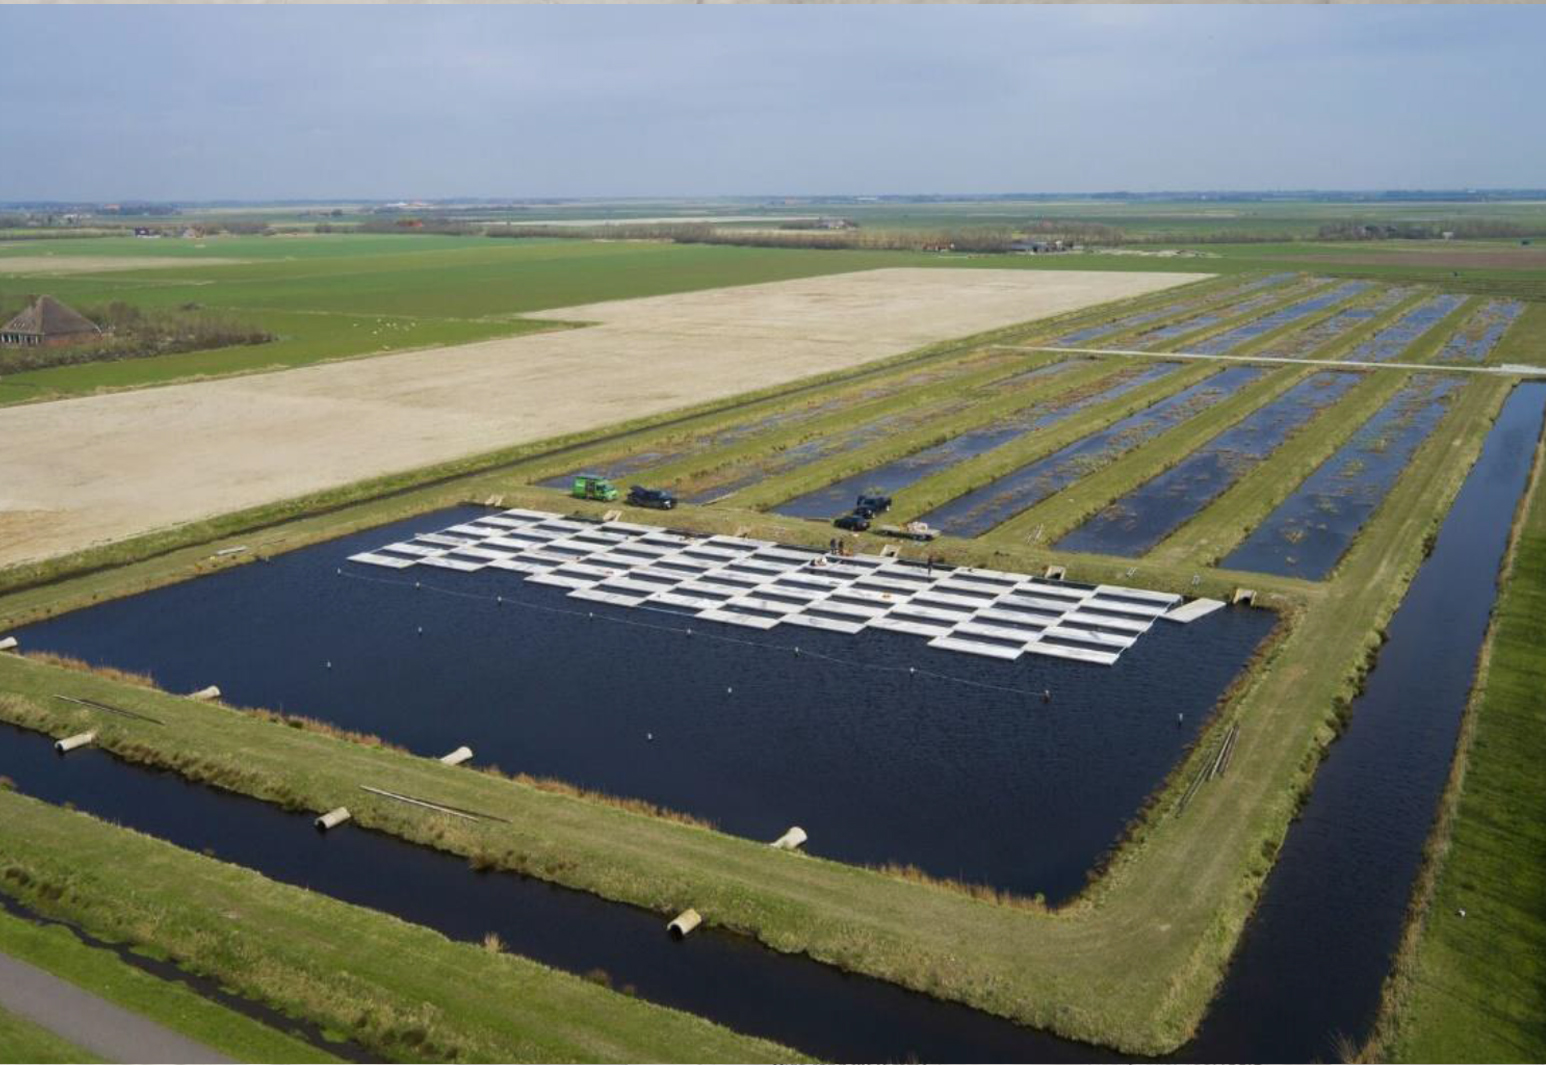 Floating-solar-pv-system-netherlands-nederland-texel-01.jpg